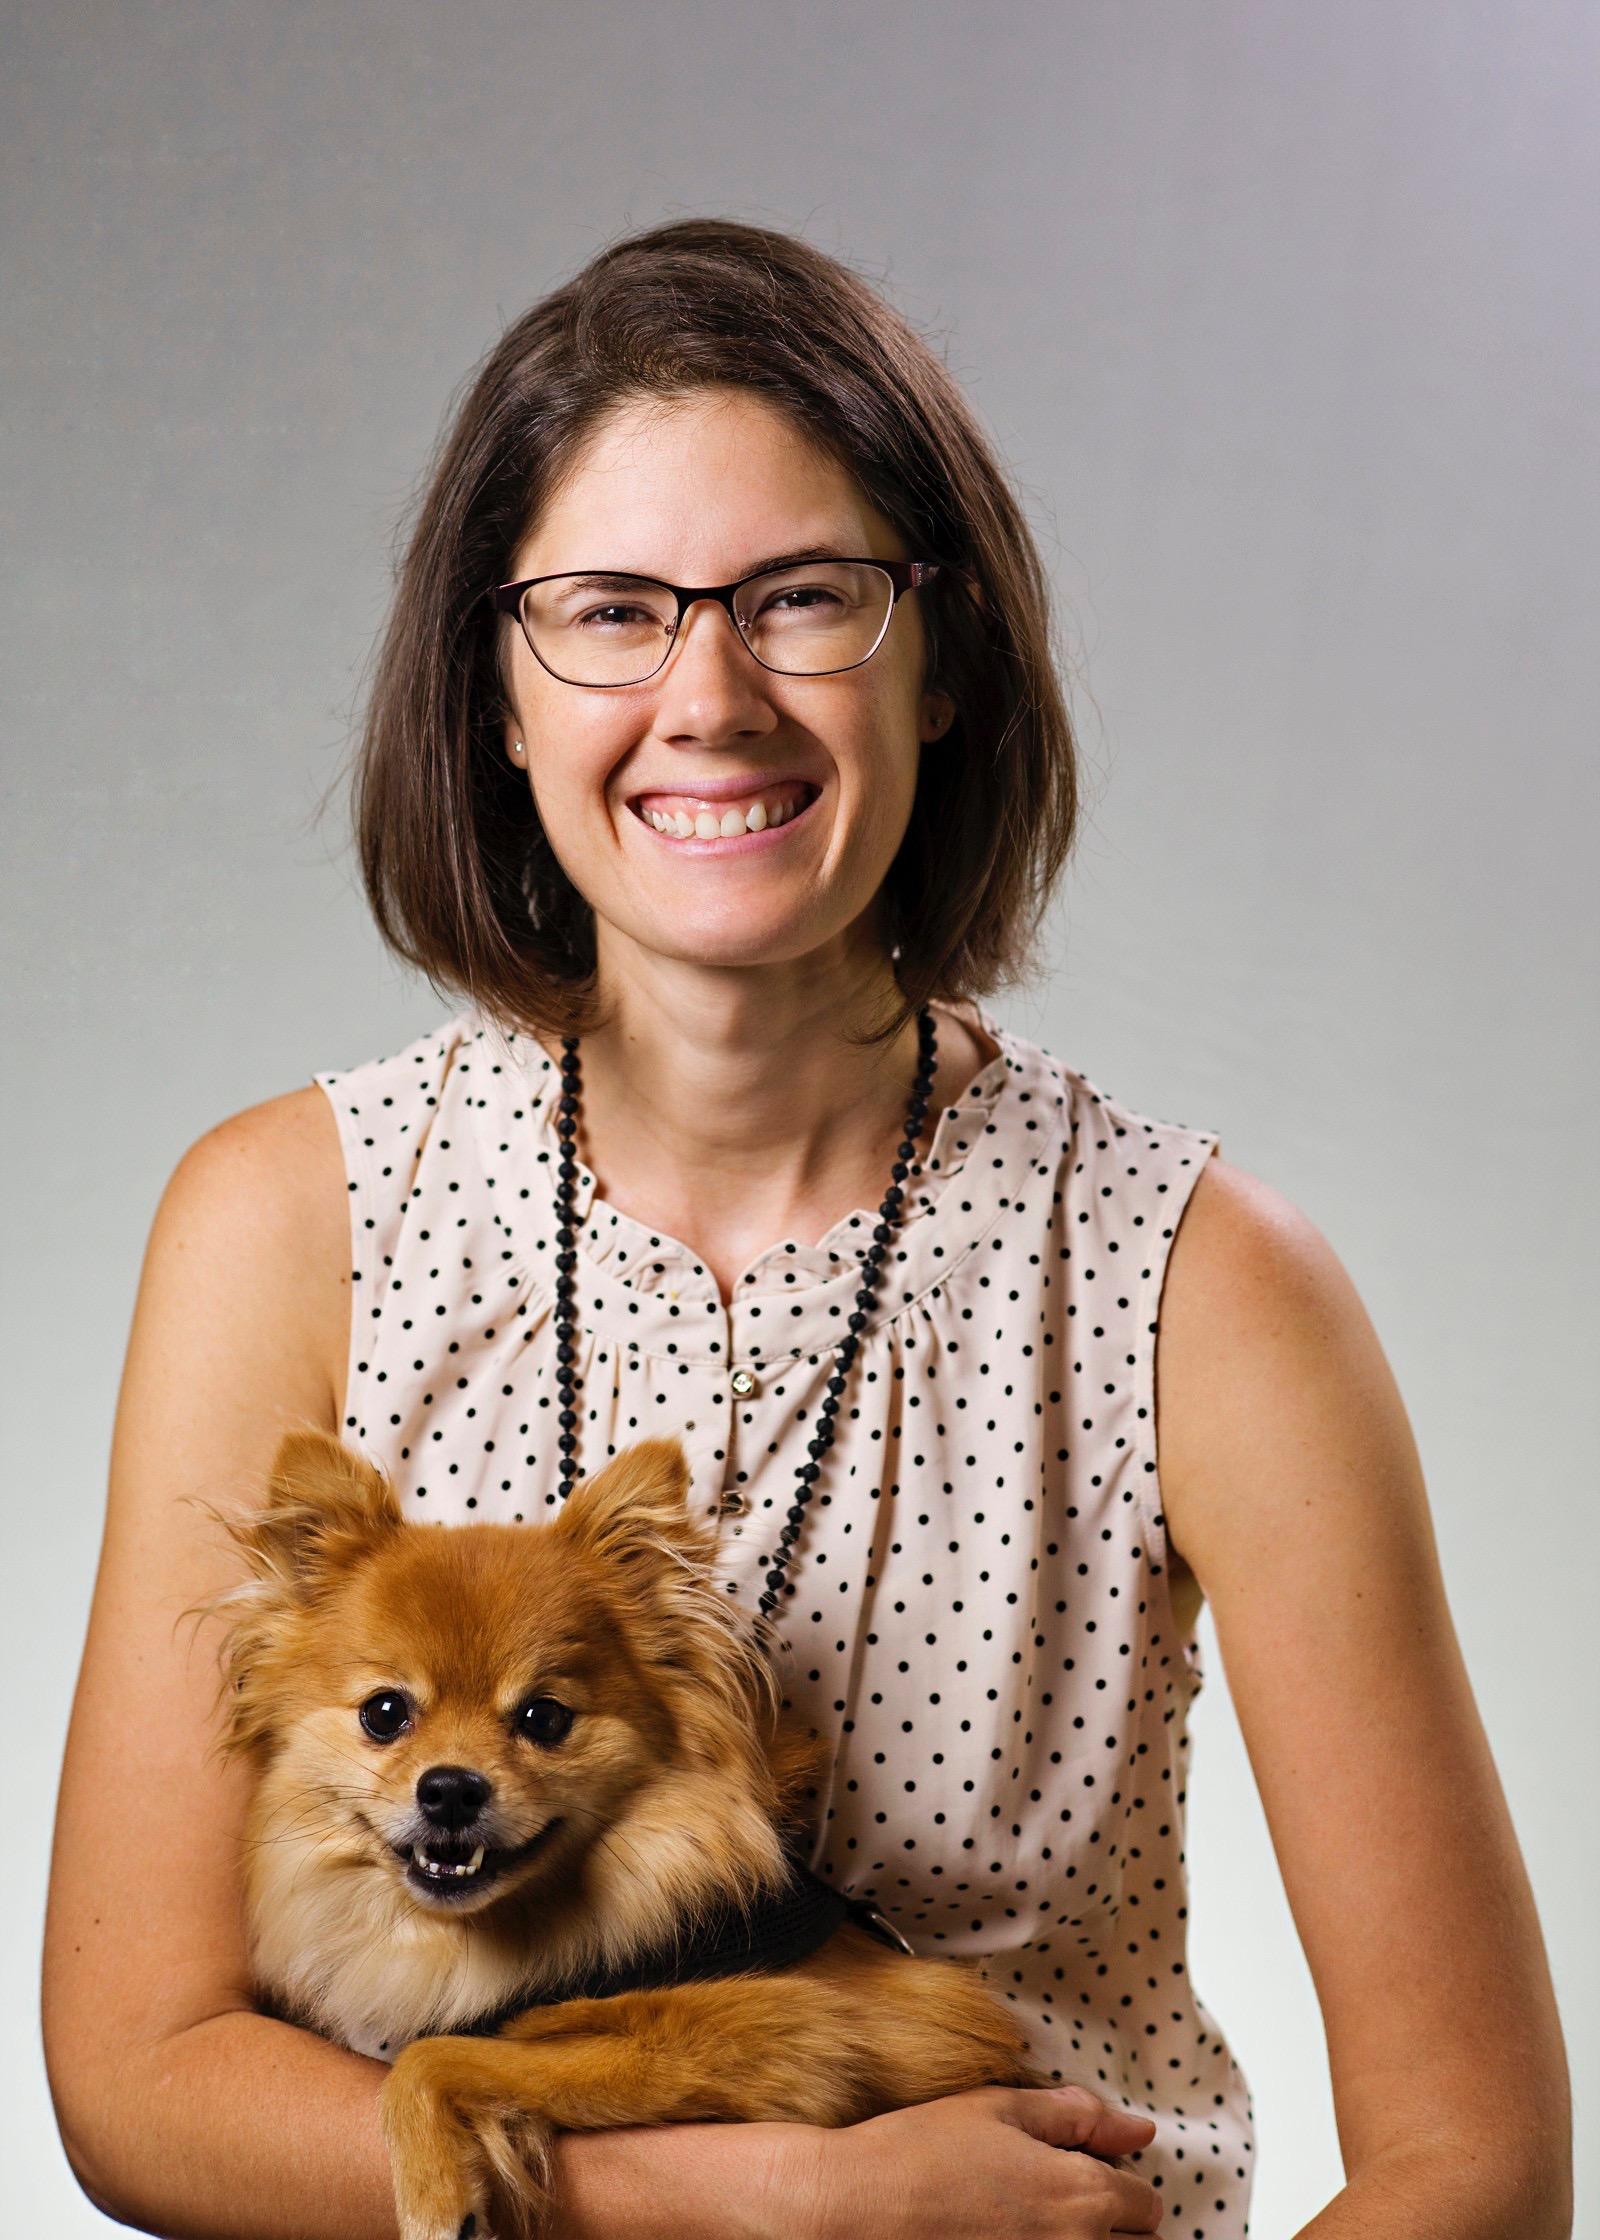 Lee Ann Hilbrich